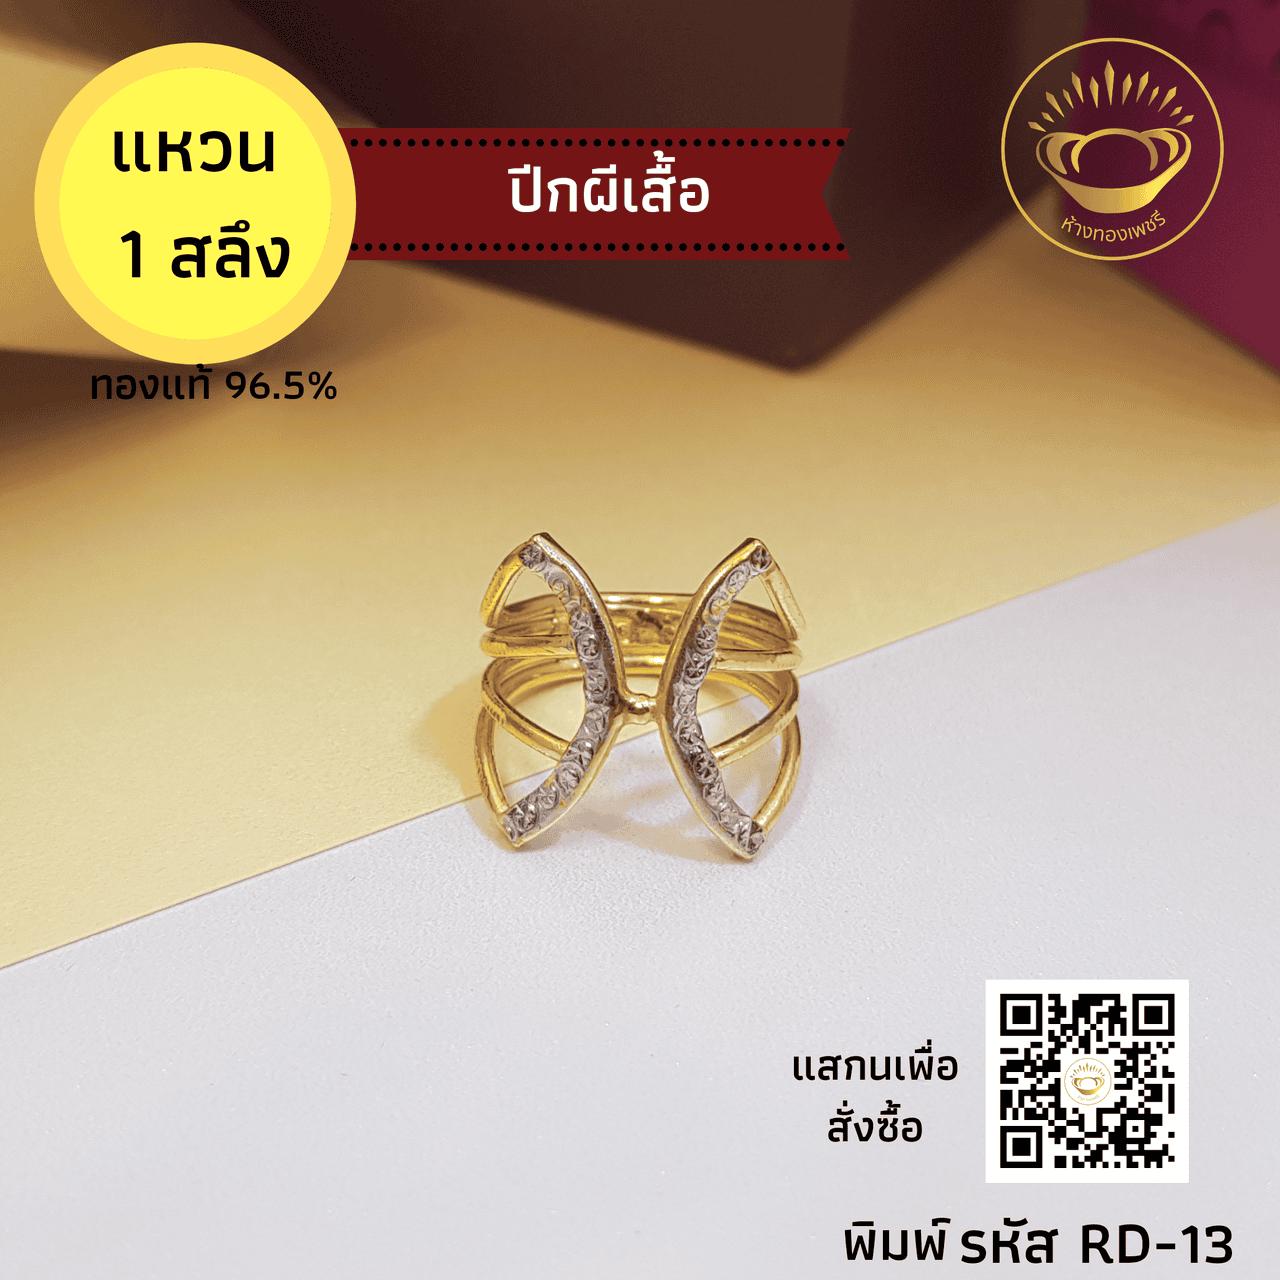 แหวนทองคำแท้ 1สลึง(3.79 กรัม)  ปีกผีเสื้อ RD-13